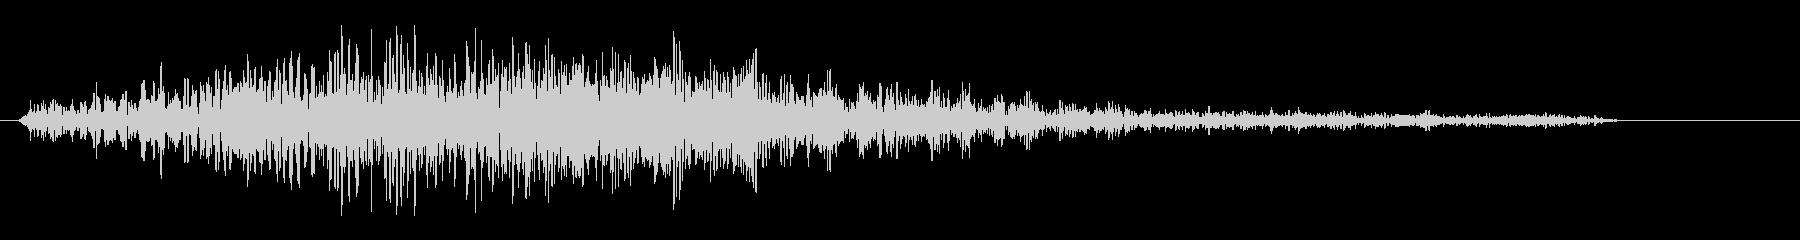 ブワッ(シンプルでスピード感のある音)の未再生の波形